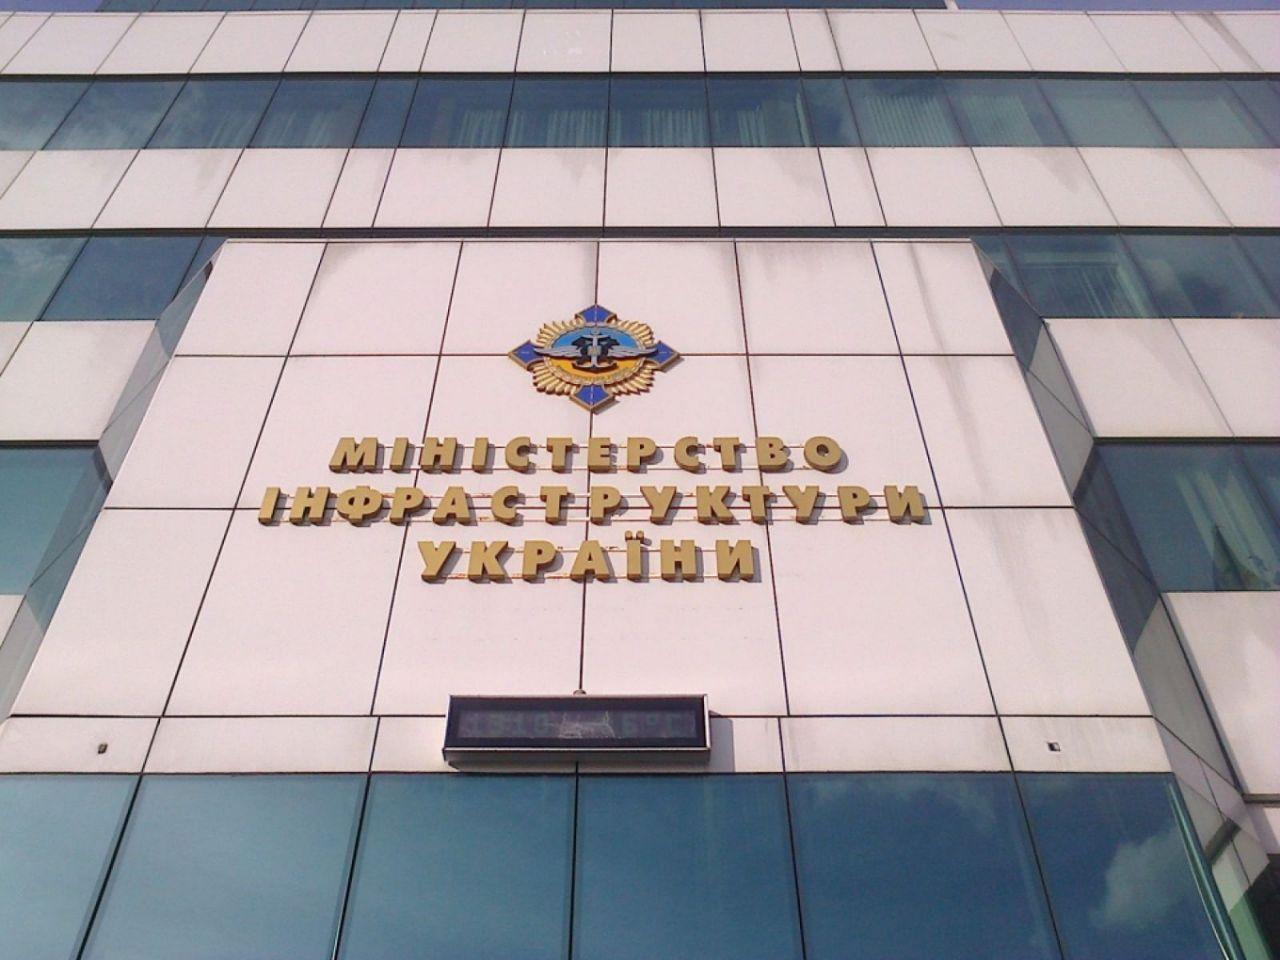 Міністерство інфраструктури України опублікувало проект змін до закону про транспорт